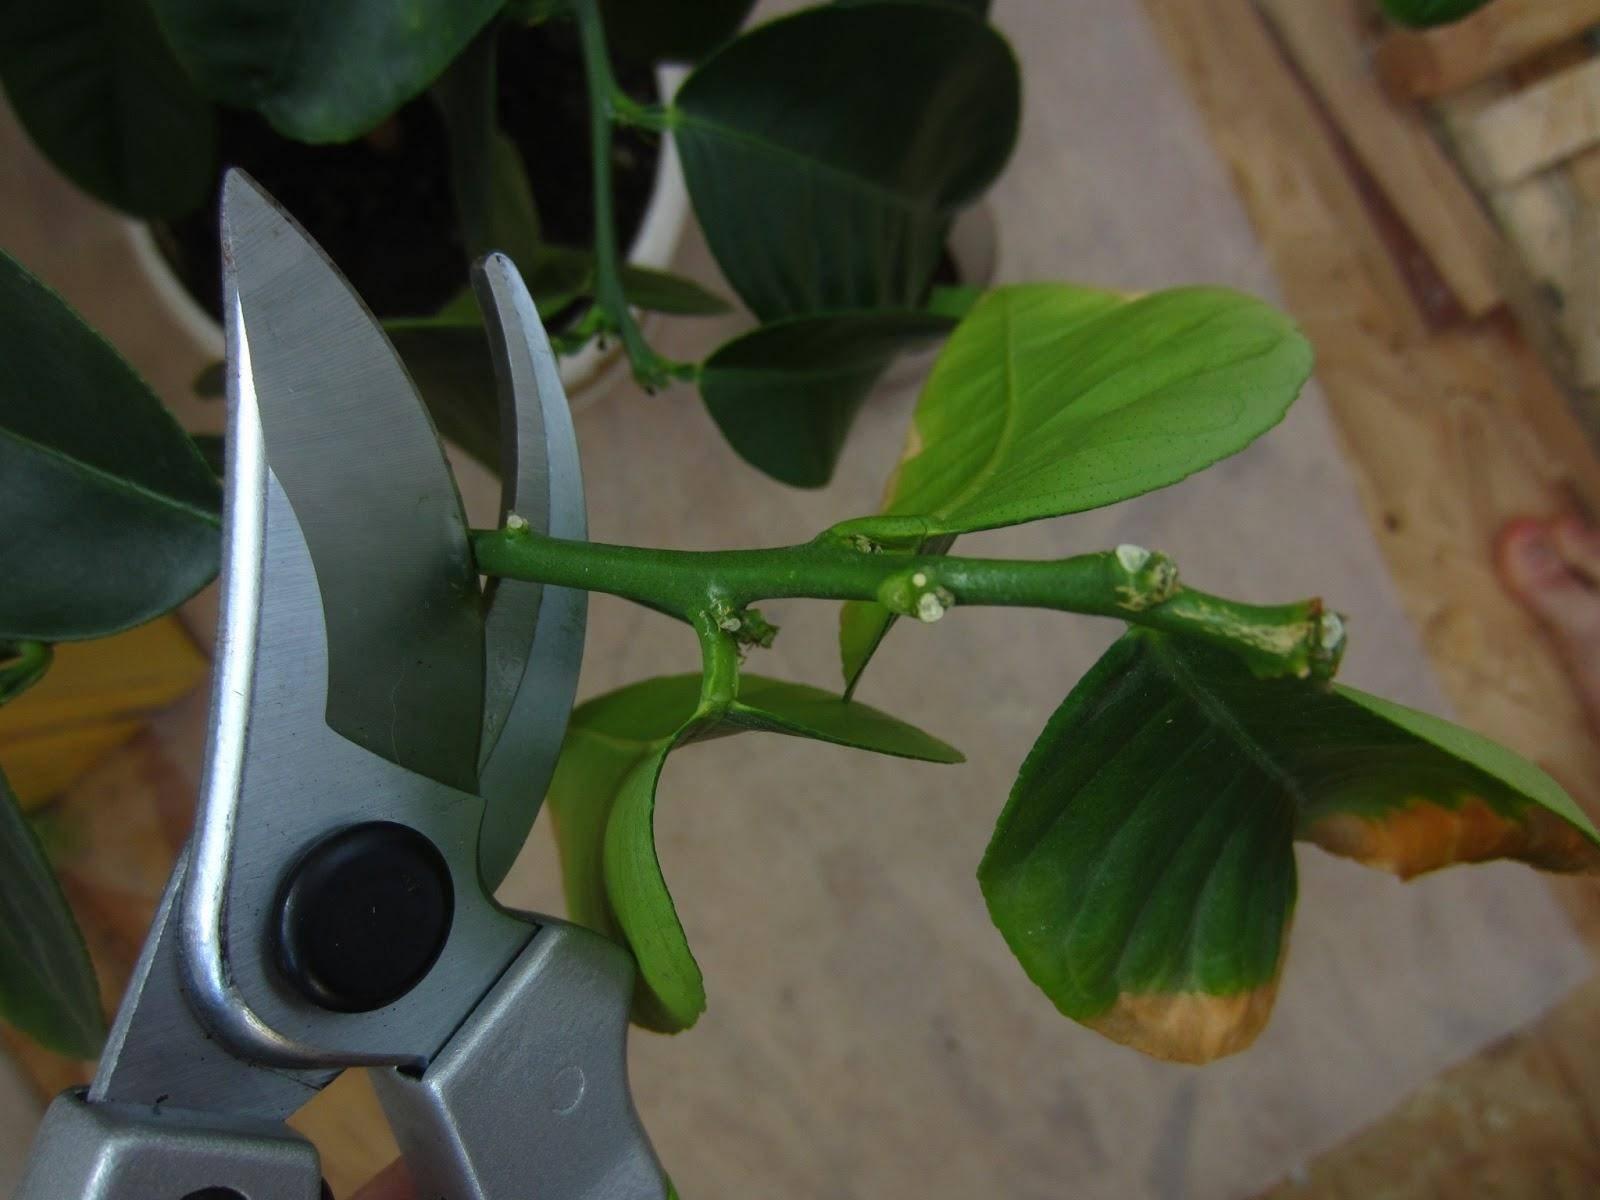 Как обрезать лимон в домашних условиях? как правильно сформировать крону? особенности подрезки selo.guru — интернет портал о сельском хозяйстве